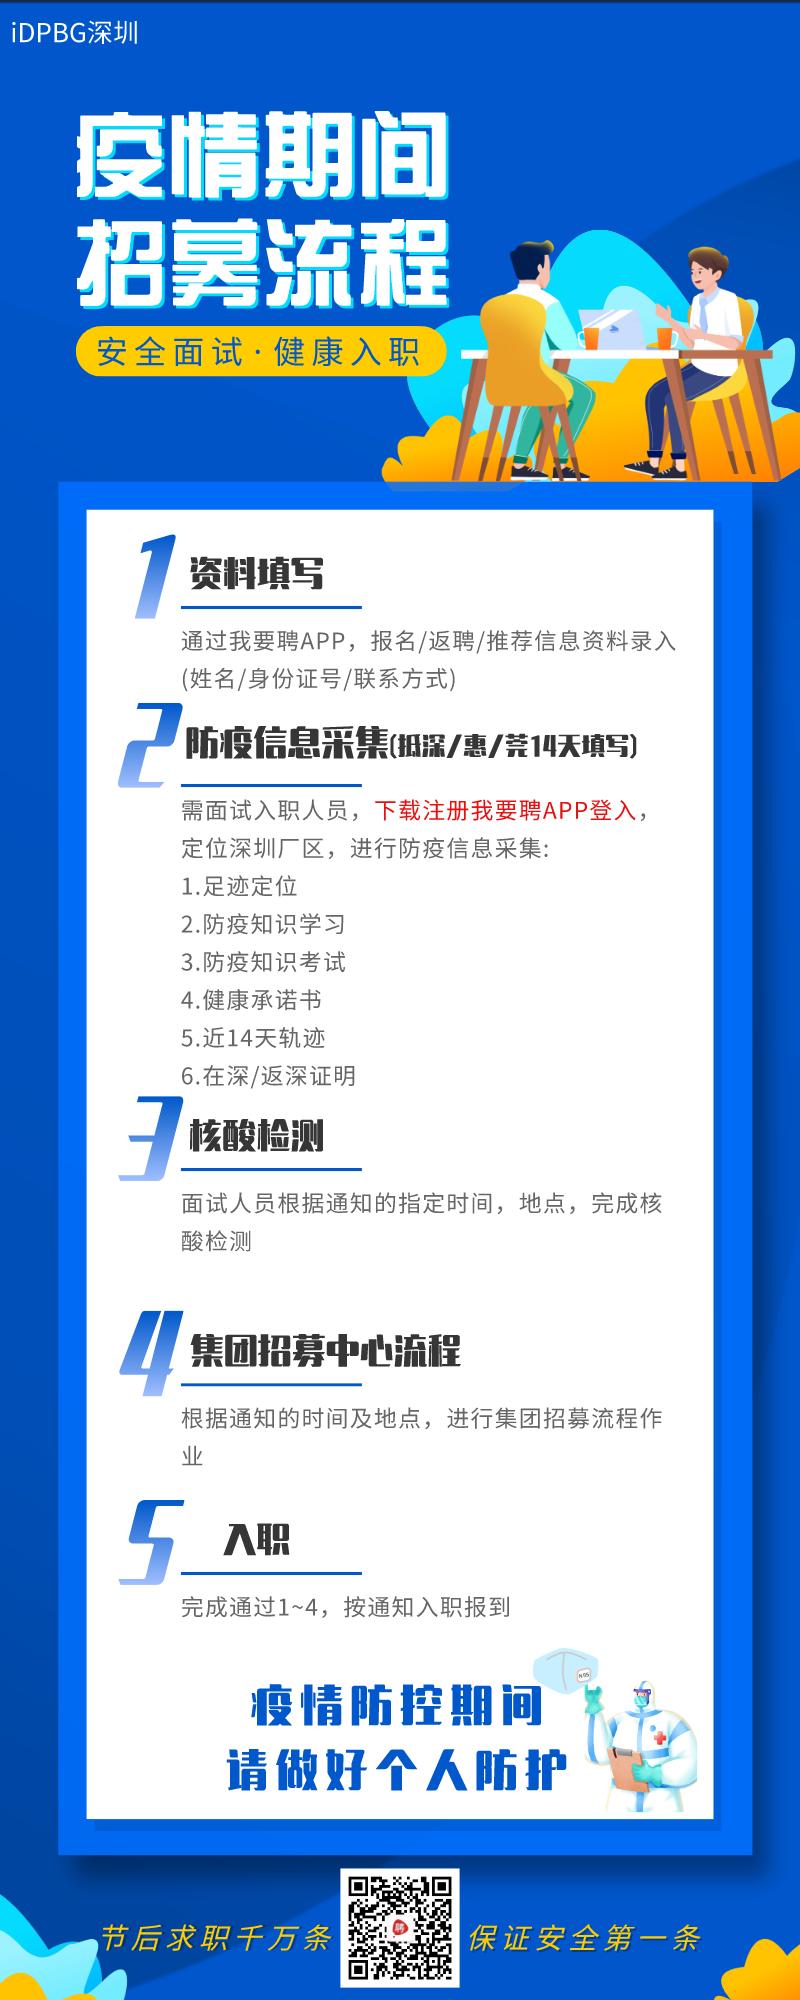 深圳富士康iDPBG事业群,疫情期间、招聘流程(安全面试、健康入职)!-FOXZM